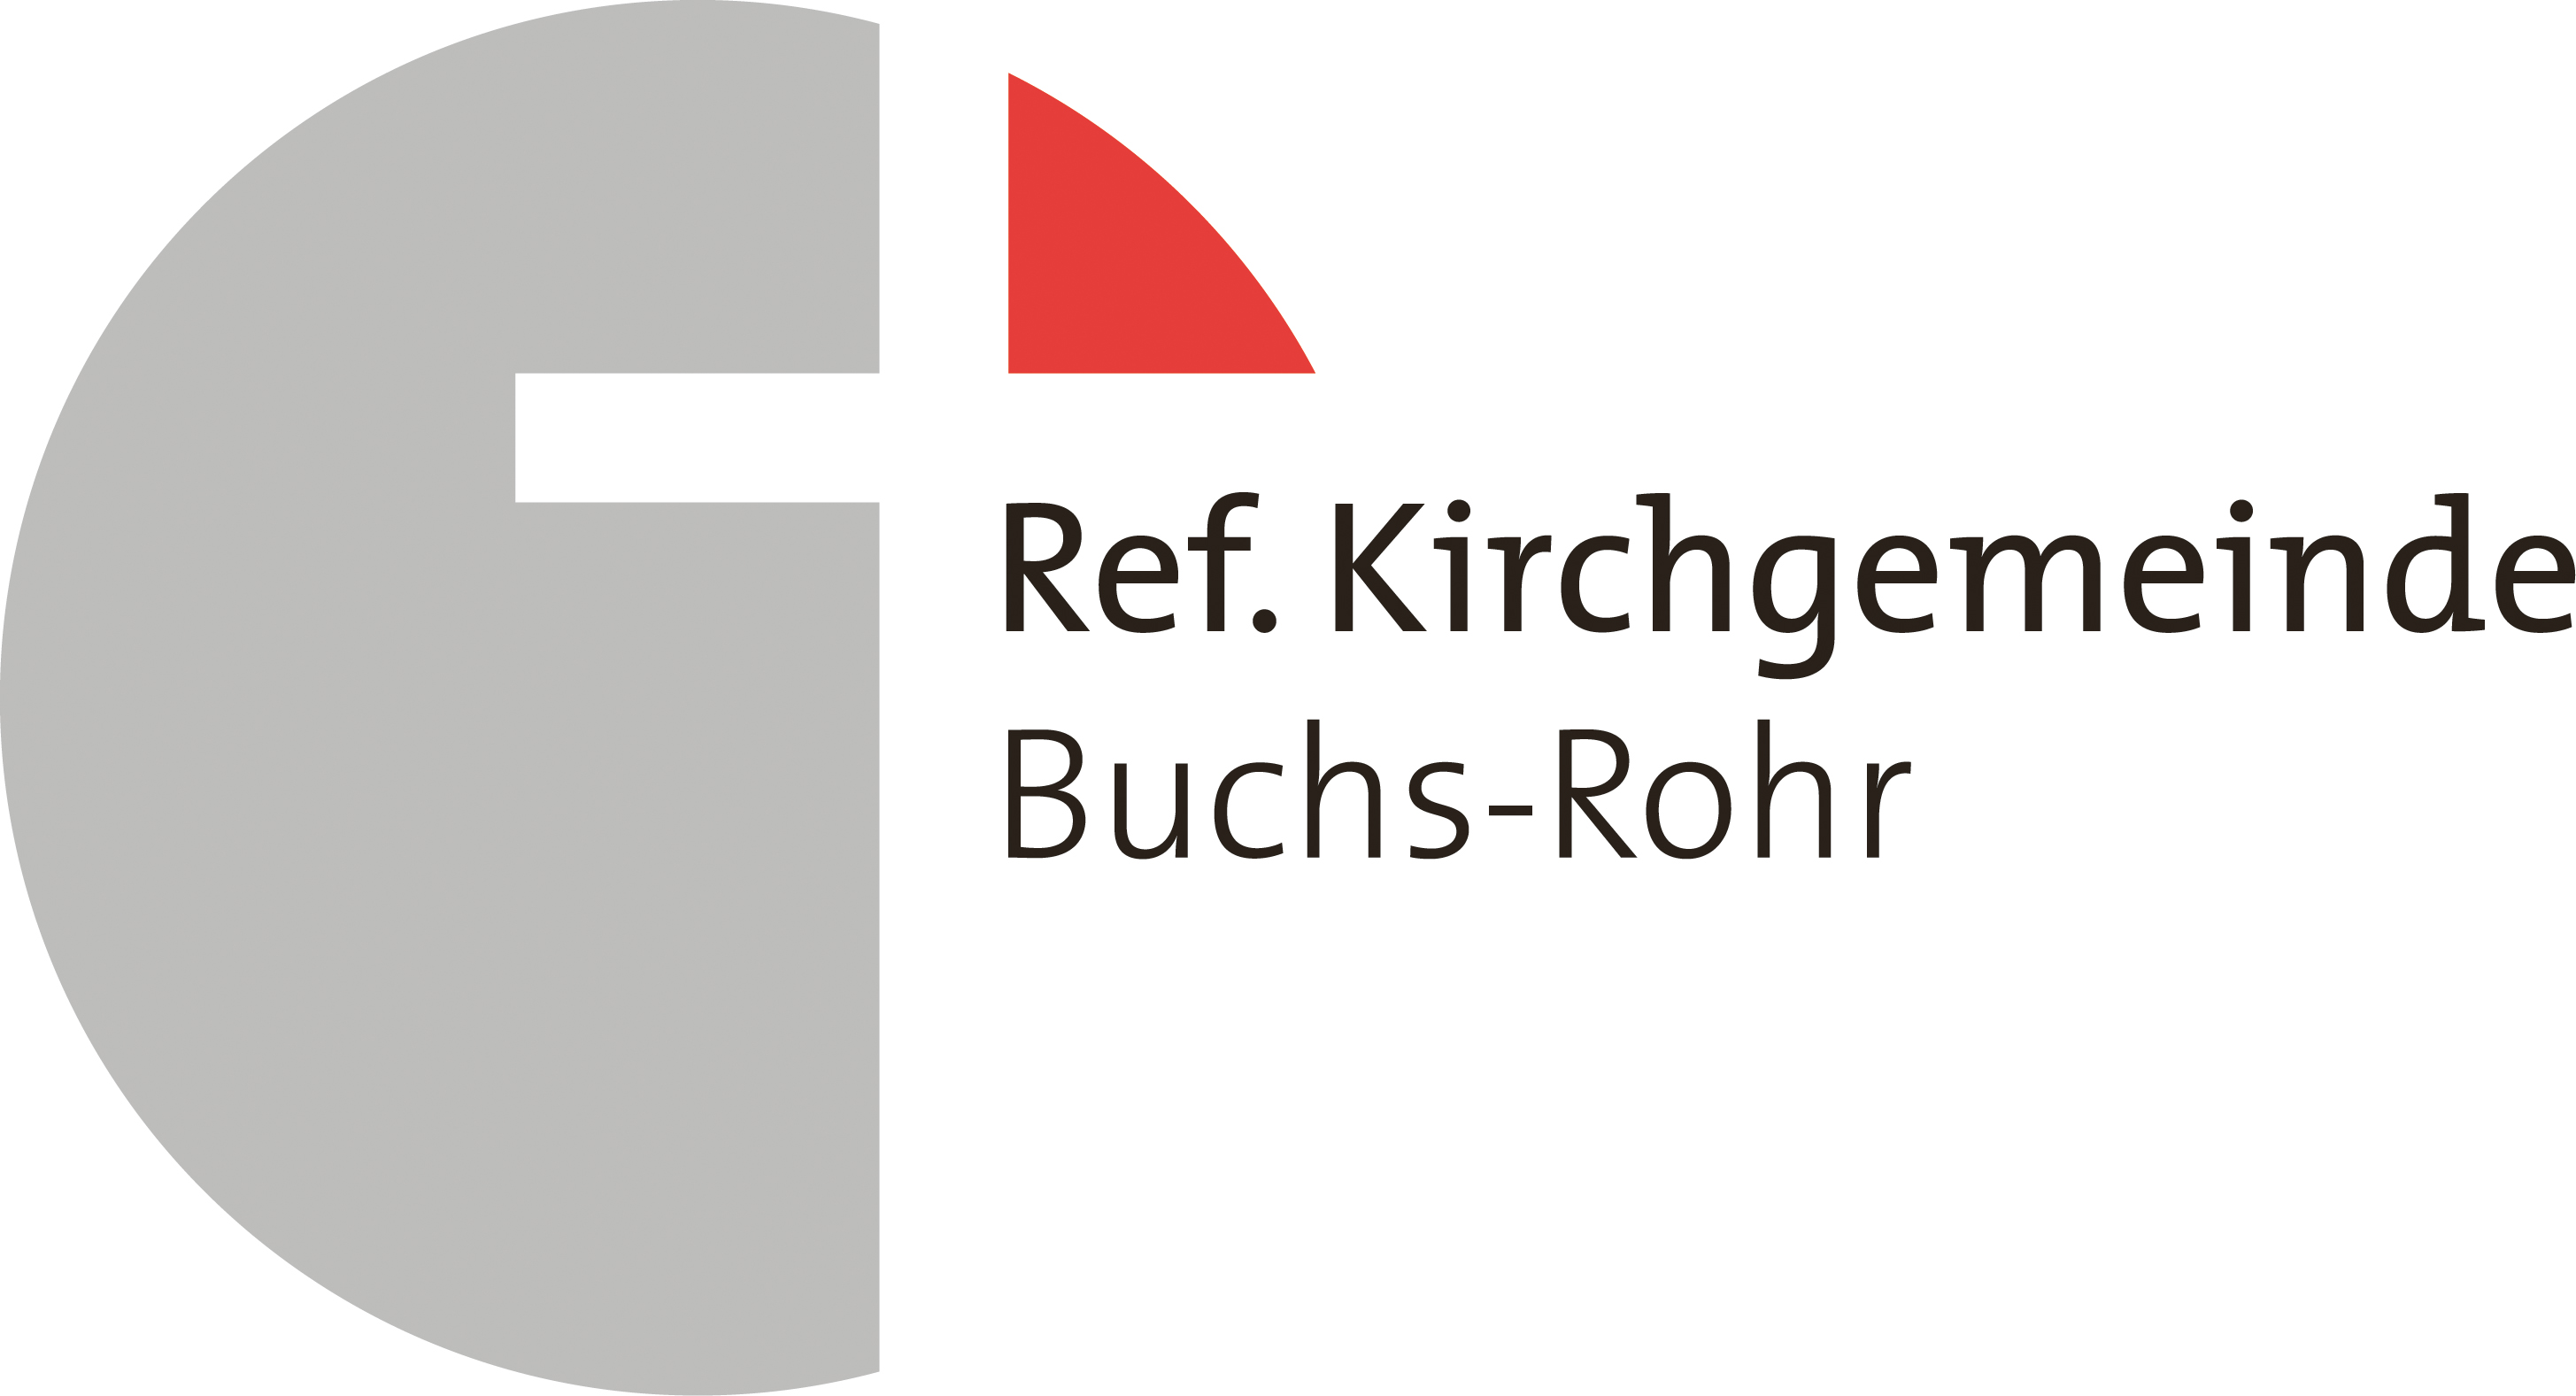 Reformierte Kirchgemeinde Buchs-Rohr